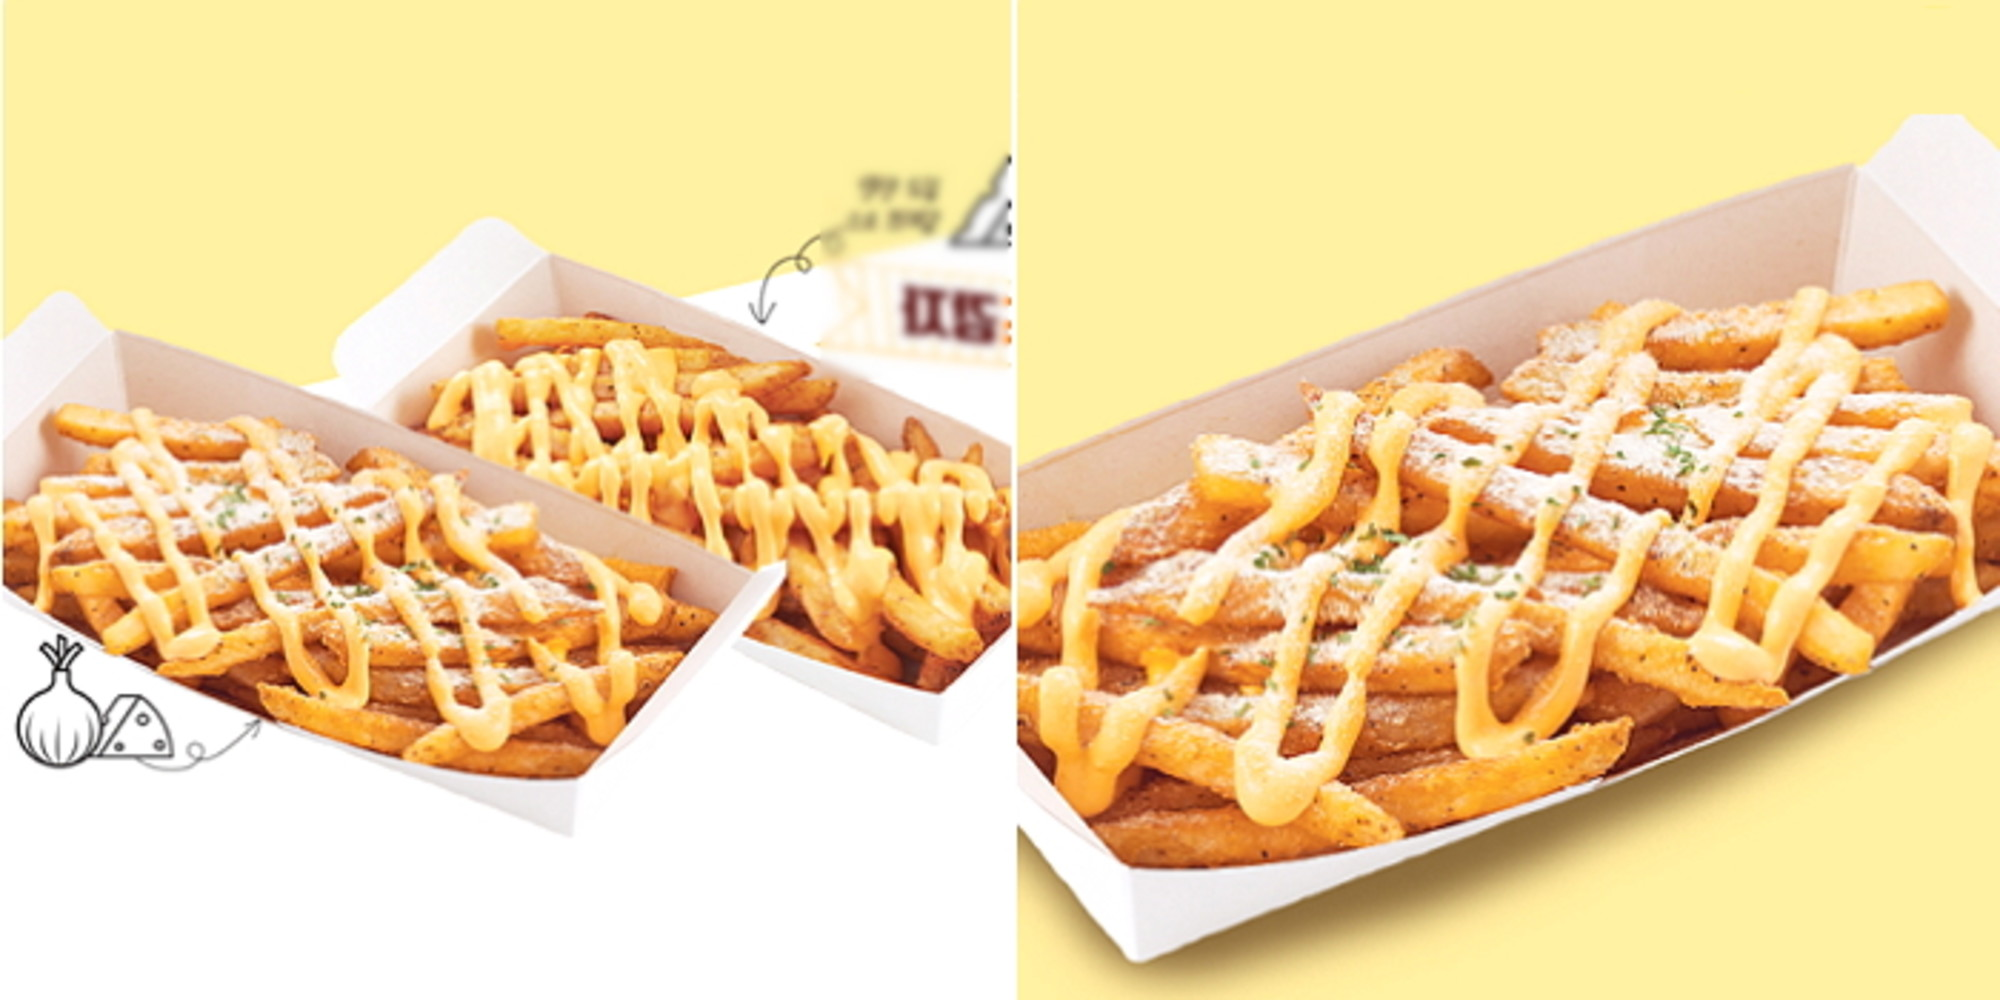 딱 한달만 '한정 판매'되는 맘스터치 '치즈 범벅' 감자튀김 ...